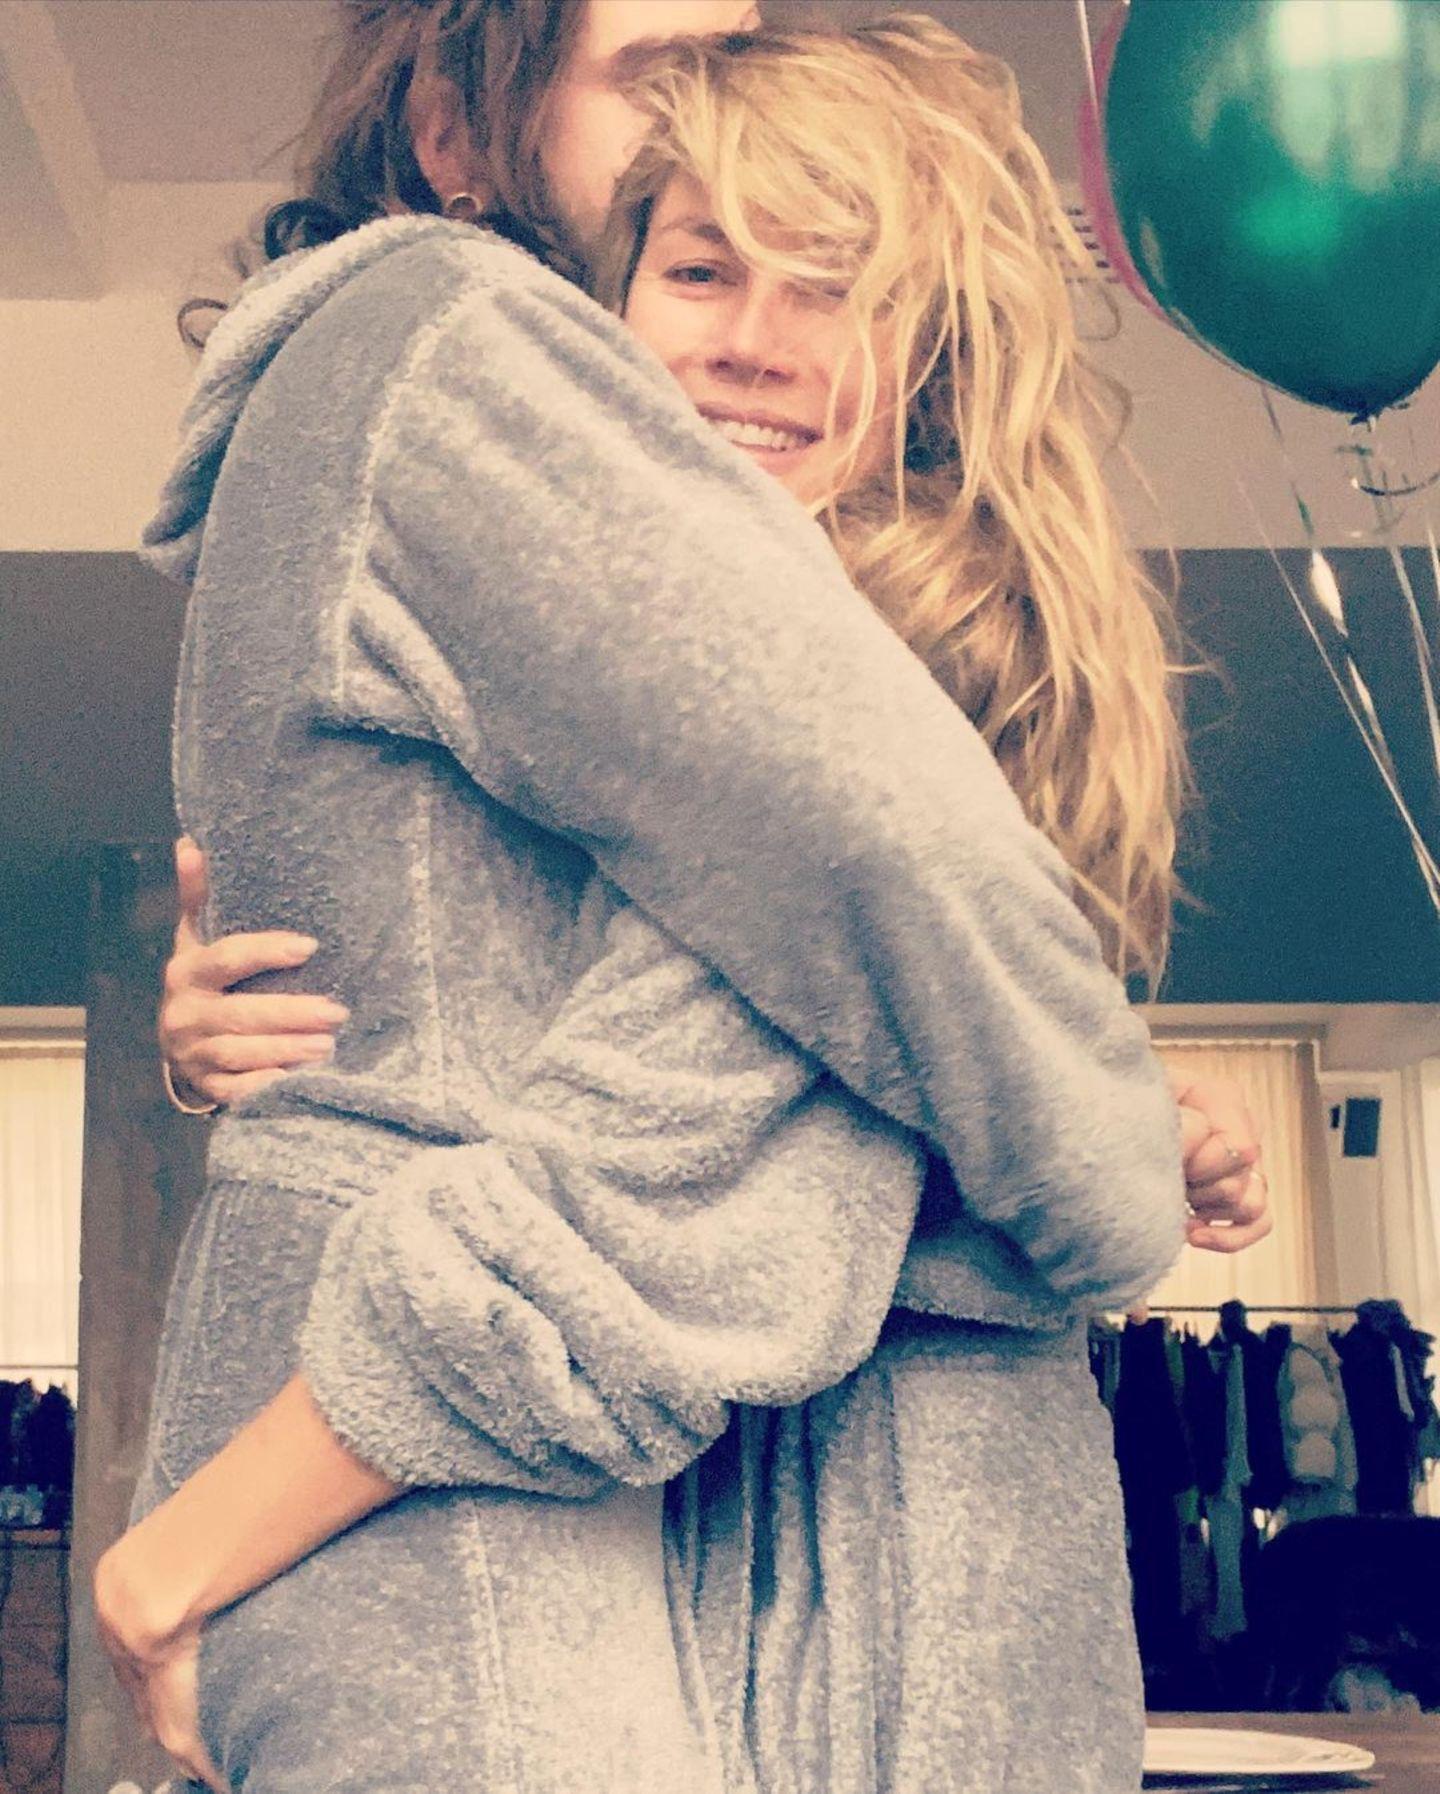 26. November 2020  Kuschelzeit! In flauschigen Bademäntelnstarten Tom Kaulitz und Heidi Klum gemütlich in den Tag.